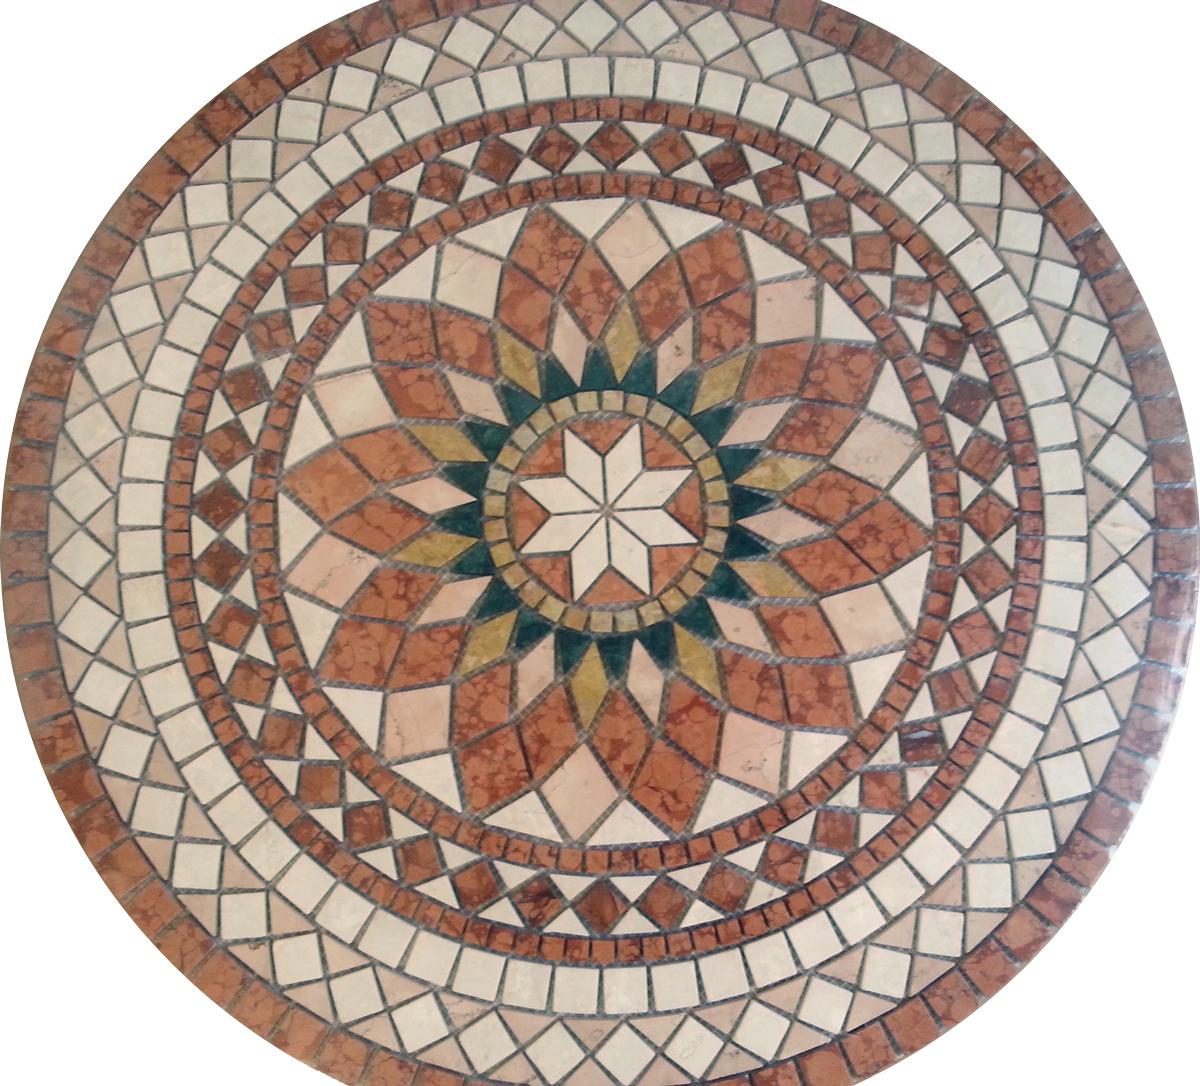 La migliore Mosaico Per Esterno Idee e immagini di ispirazione  ezsrc.com Trova immagini, idee ...